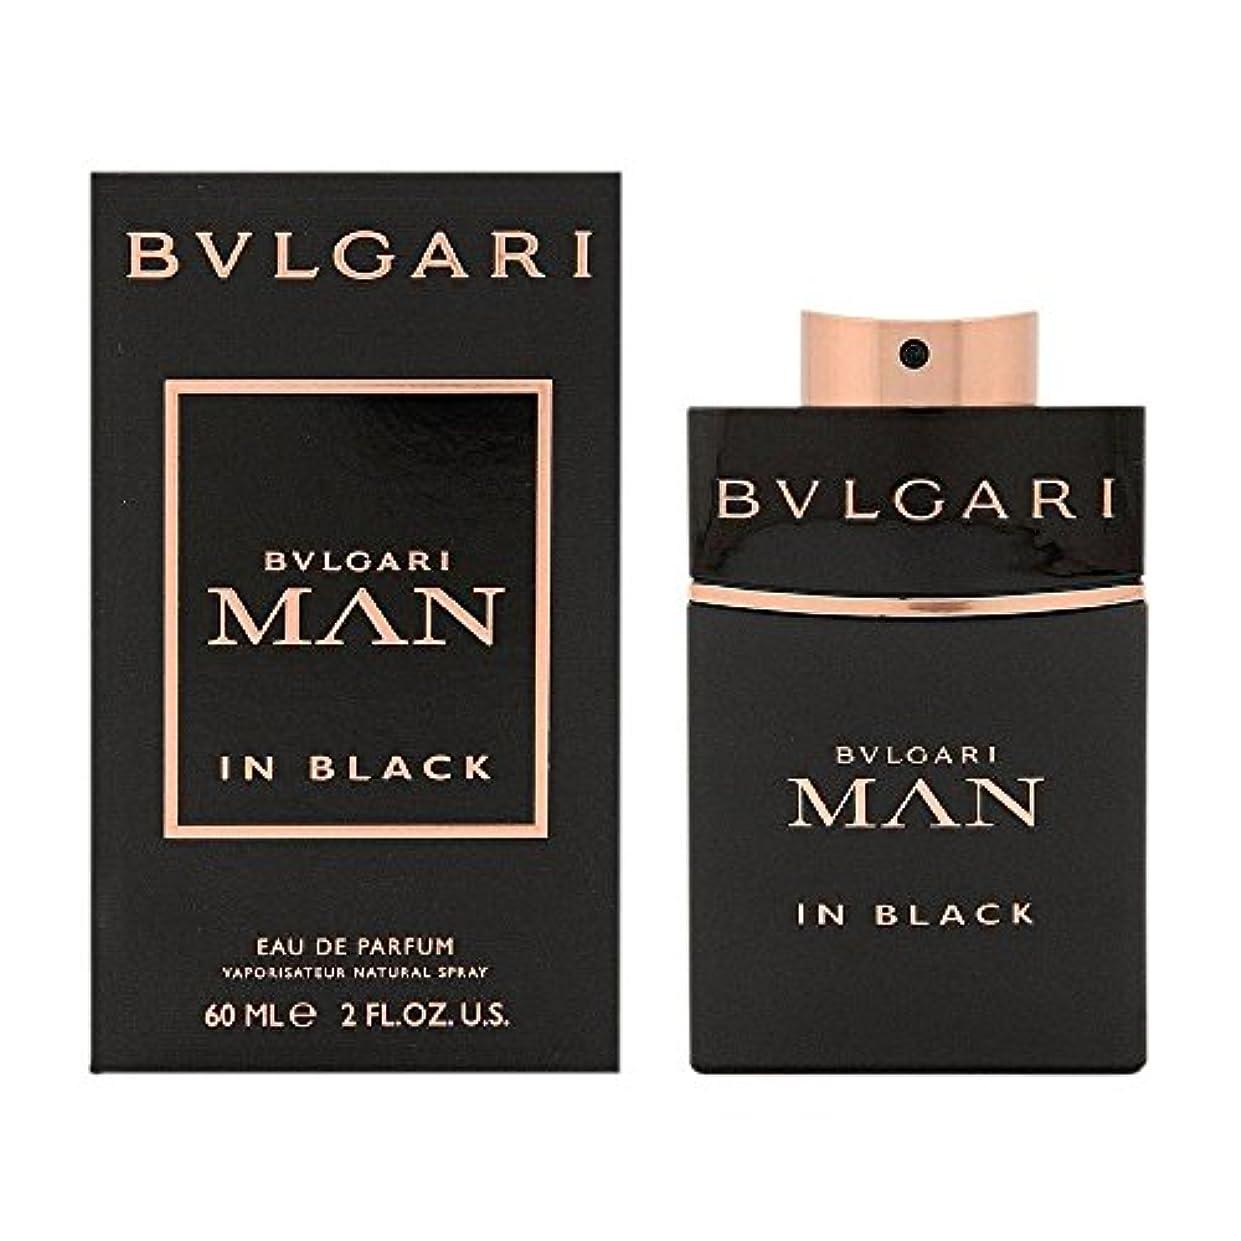 技術不足なかなかブルガリ BVLGARI  ブルガリ マン イン ブラック EP SP 60ml